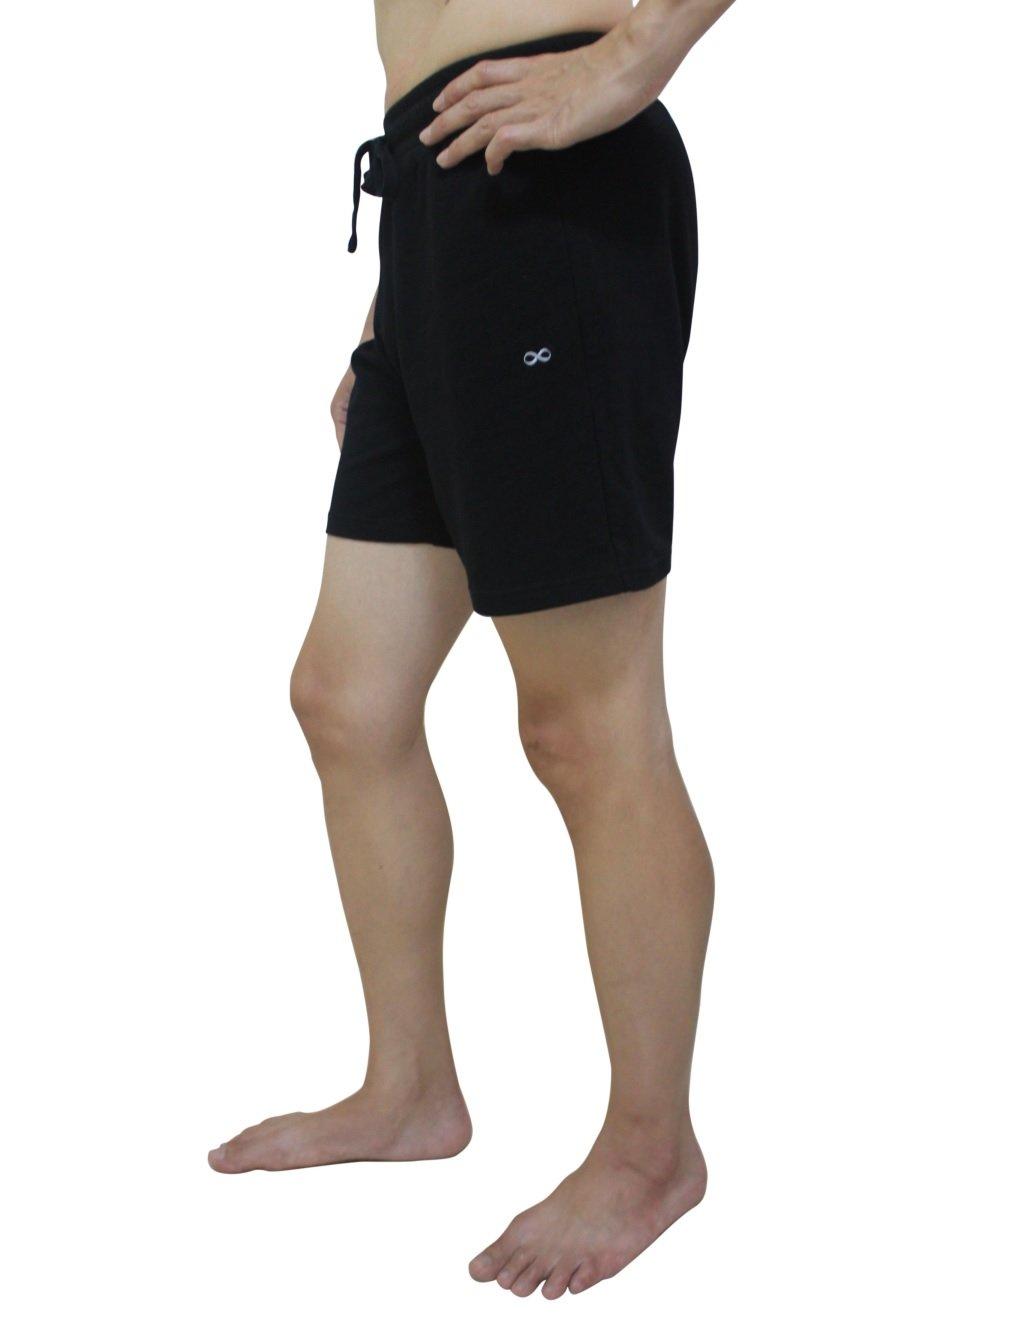 YogaAddict Yoga Shorts for Men, Quick Dry, No Pockets, for Any Yoga (Bikram, Hot Yoga, Hatha, Ashtanga), Pilates, Gym, Black with Inner Liner - Size M by YogaAddict